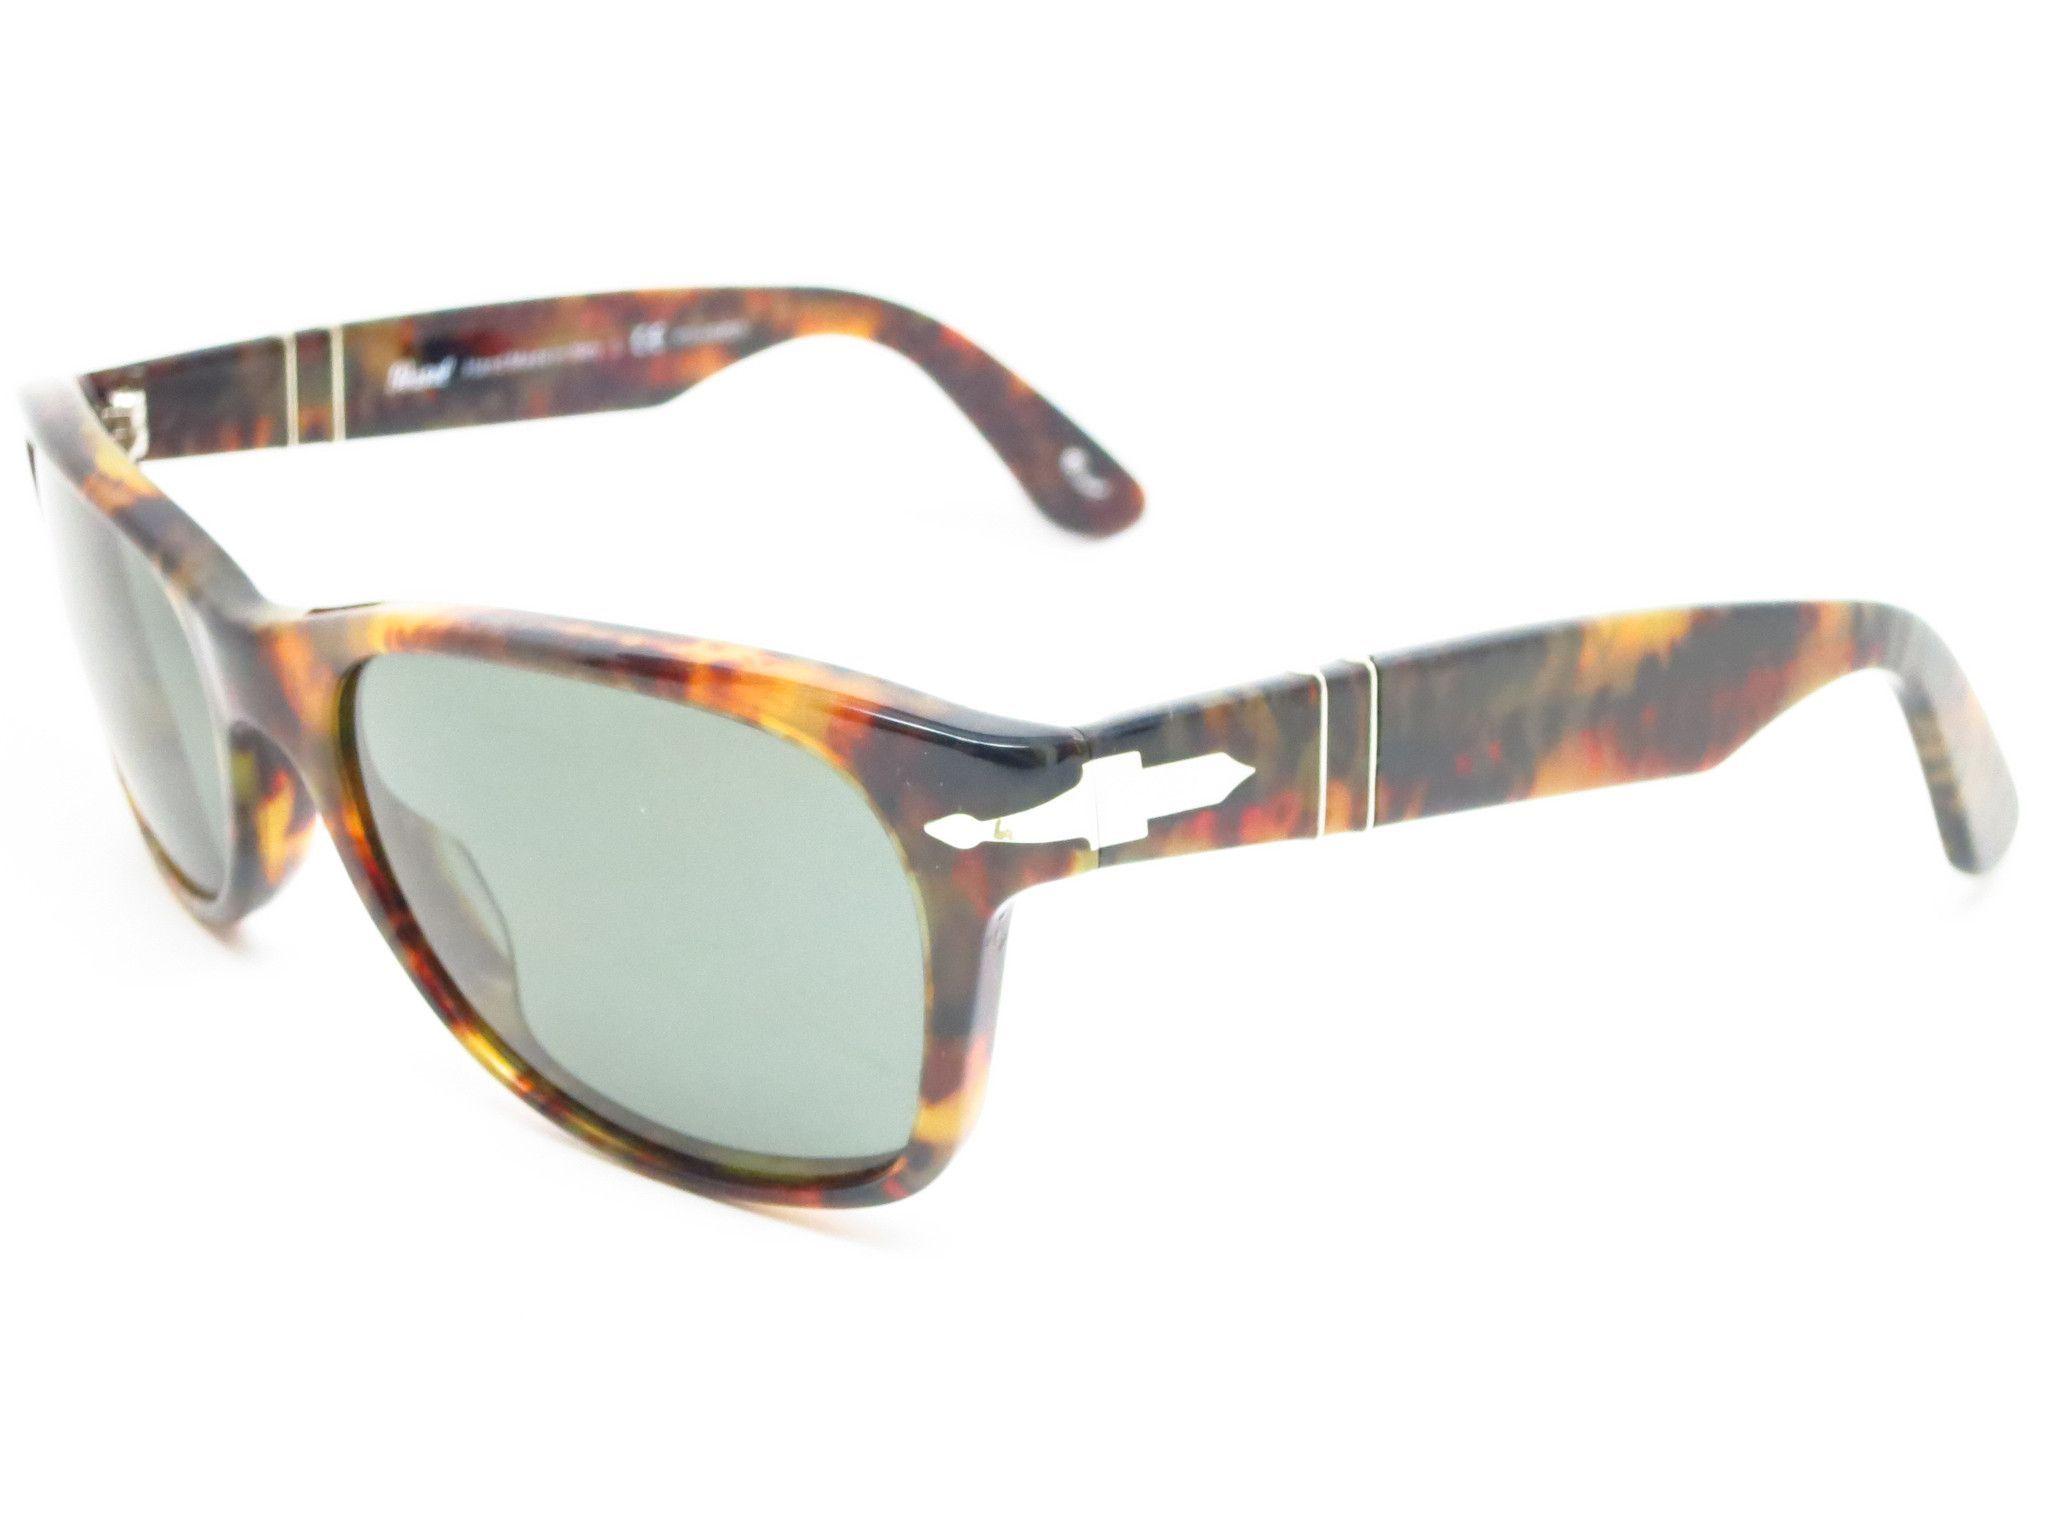 f9dbe979851f6 Persol PO 2953-S 108 58 Caffe Polarized Sunglasses